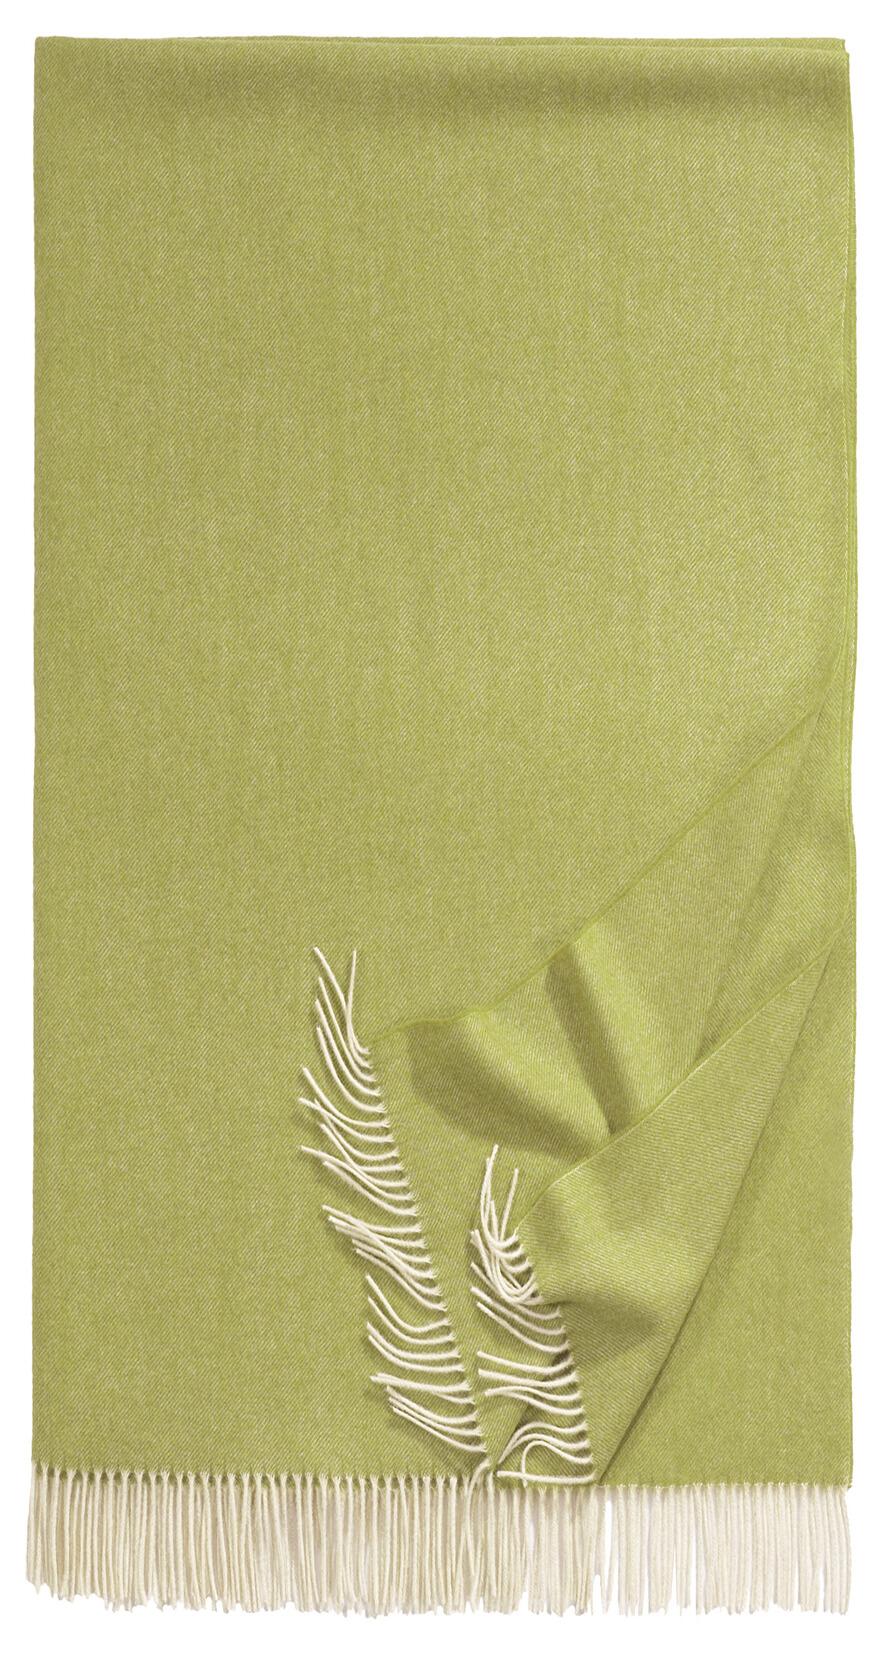 Bild von 012-0045-135, Variante kiwi